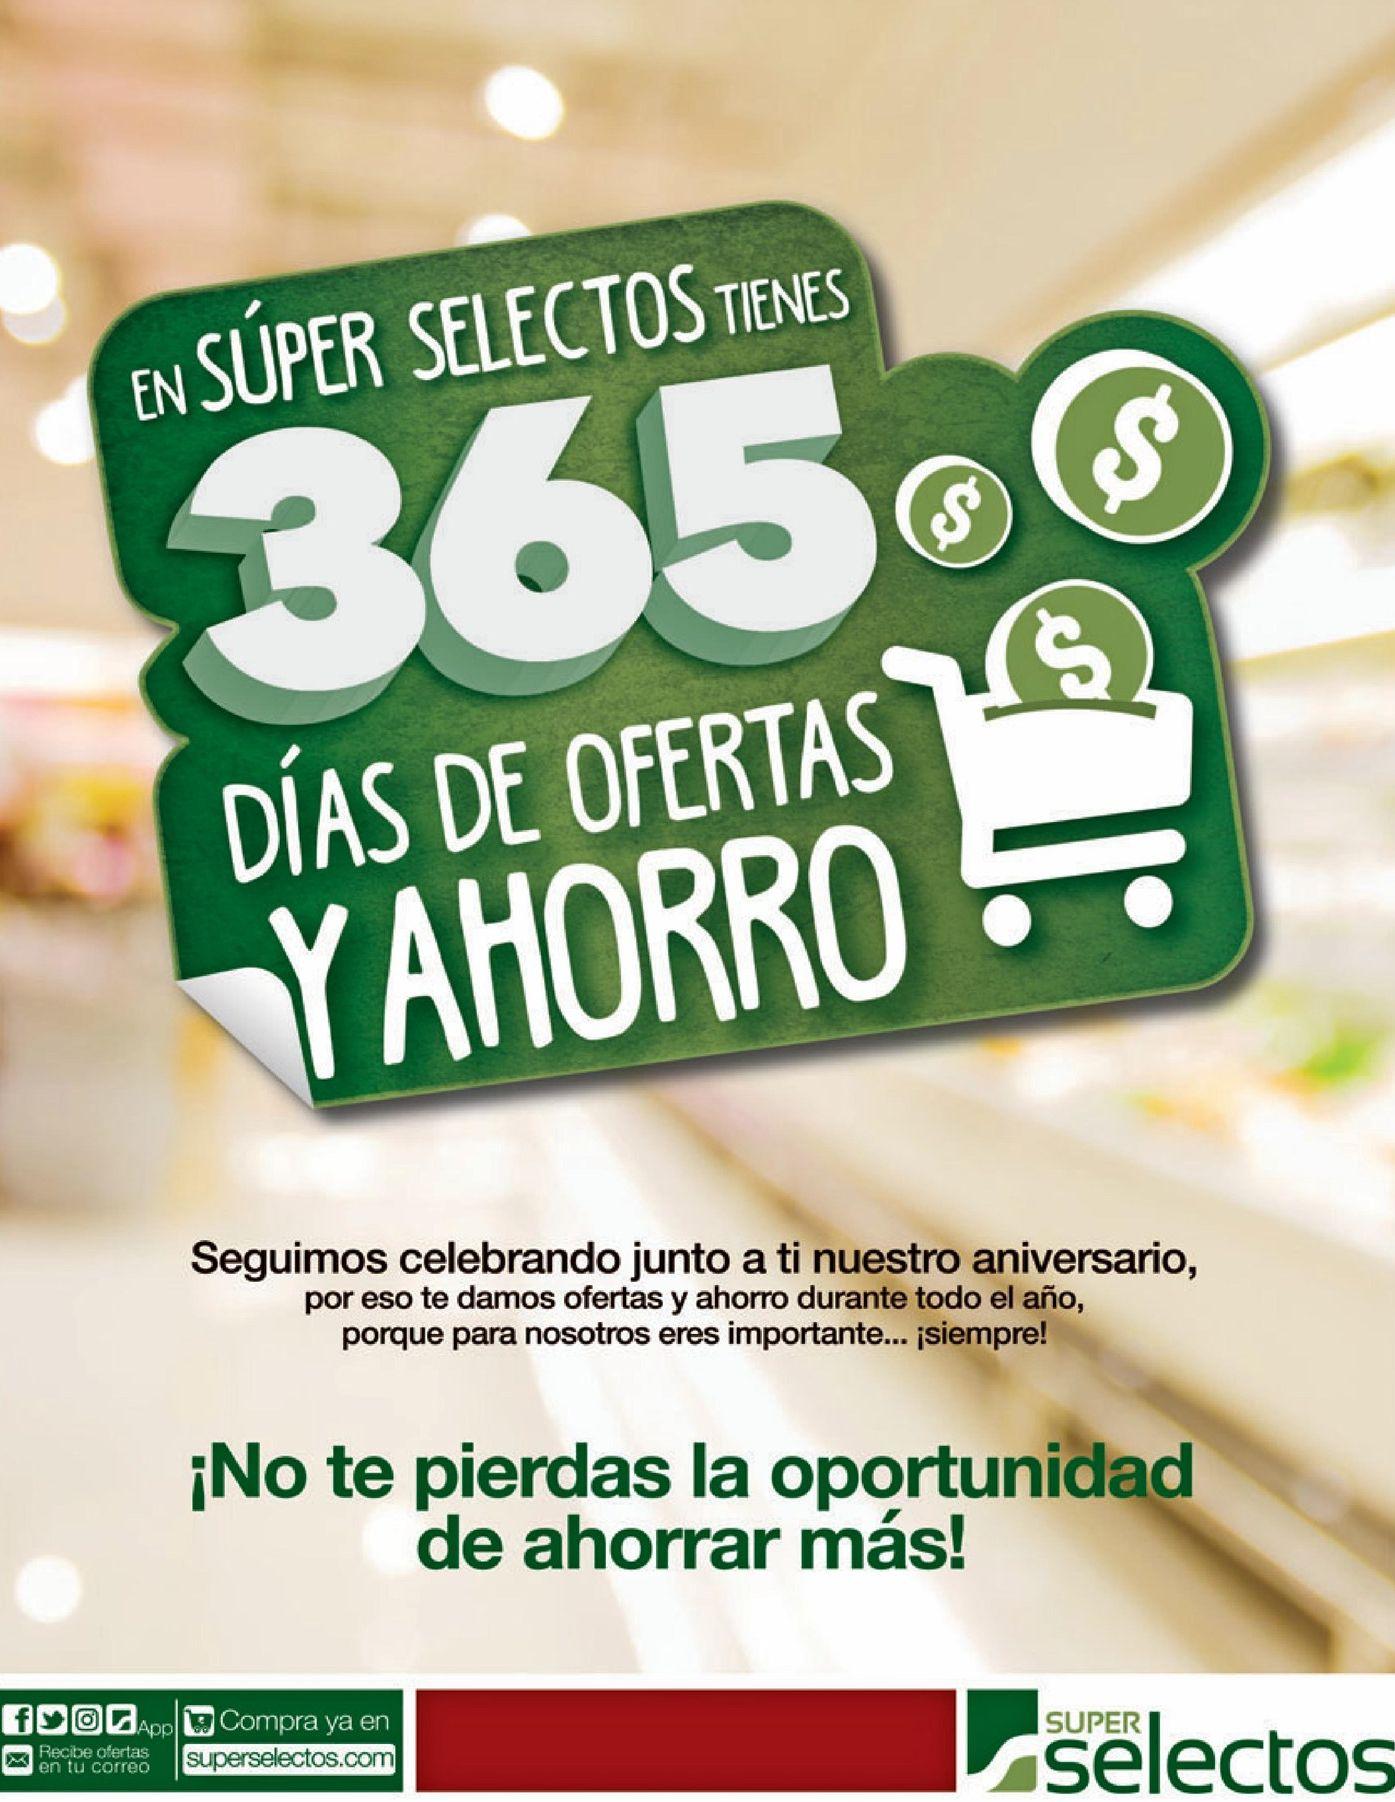 siguen-las-ofertas-365-de-super-selectos-este-finde-11nov16